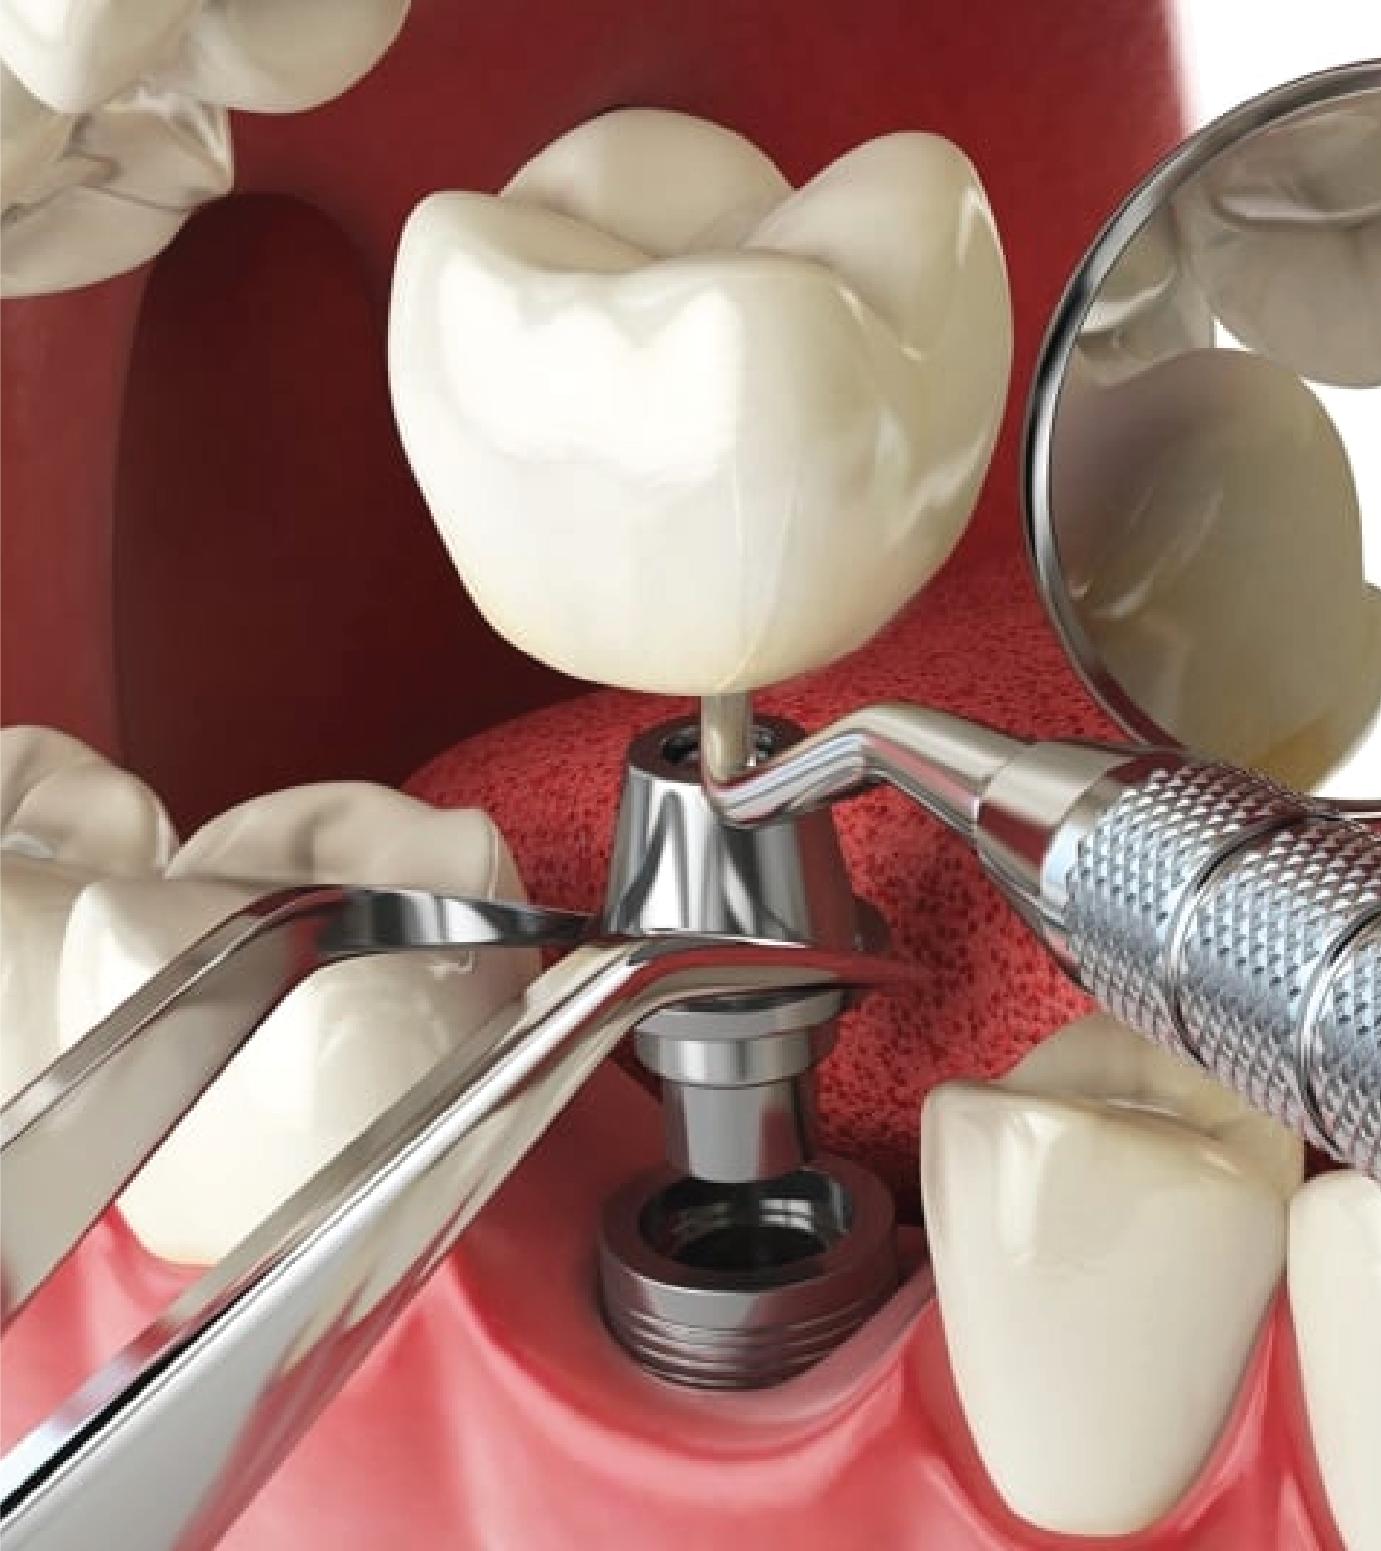 Зубные импланты — оптимальный вариант восстановить утраченные зубы раз и навсегда